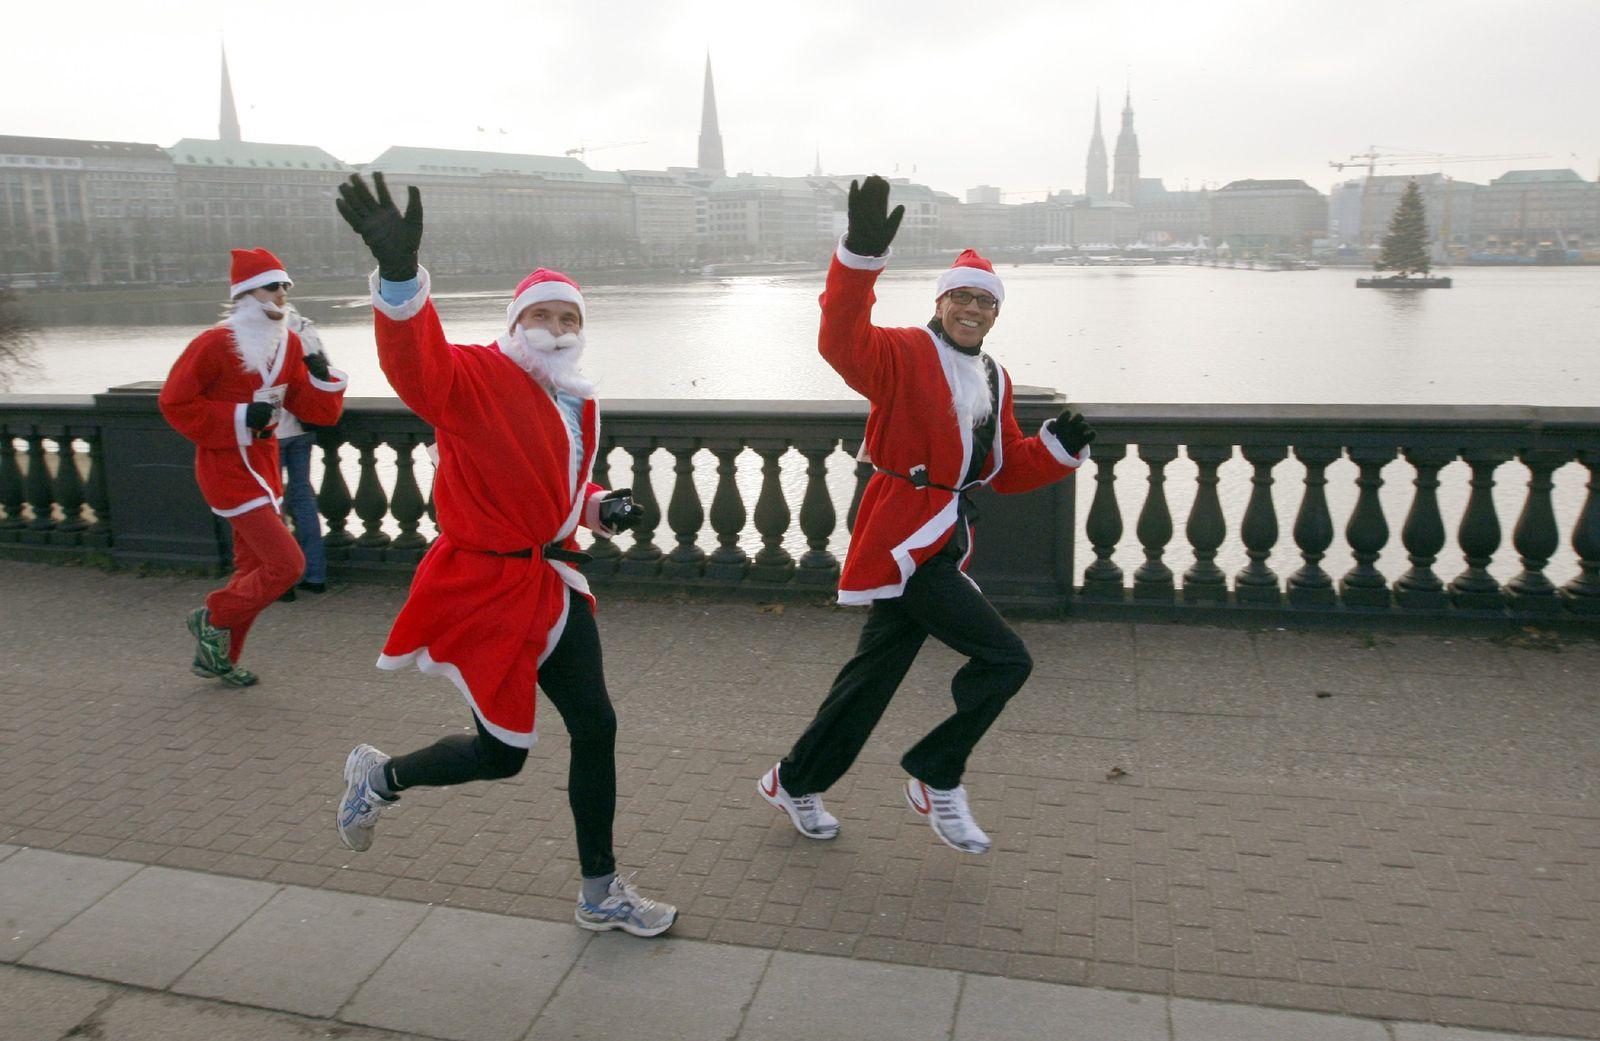 Weihnachtsmannlauf in Hamburg